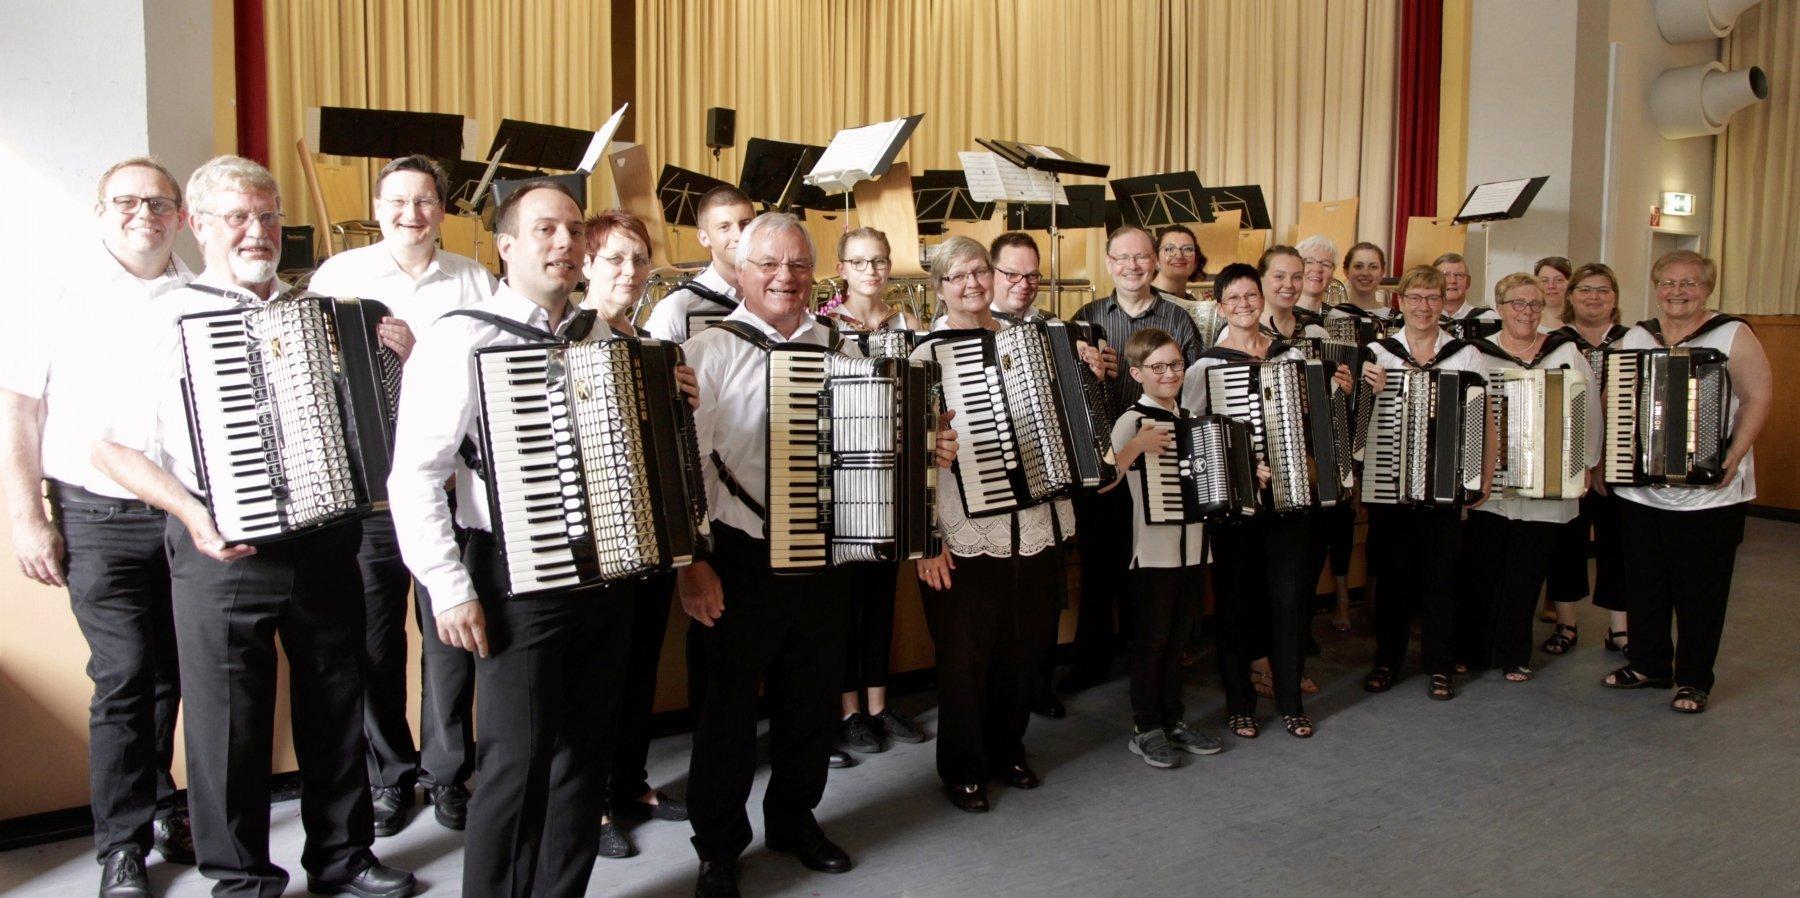 Das Konzert der Heider Spielgruppe soll zu einem späteren Termin nachgeholt werden. (Archivfoto: IN-StadtMagazine)